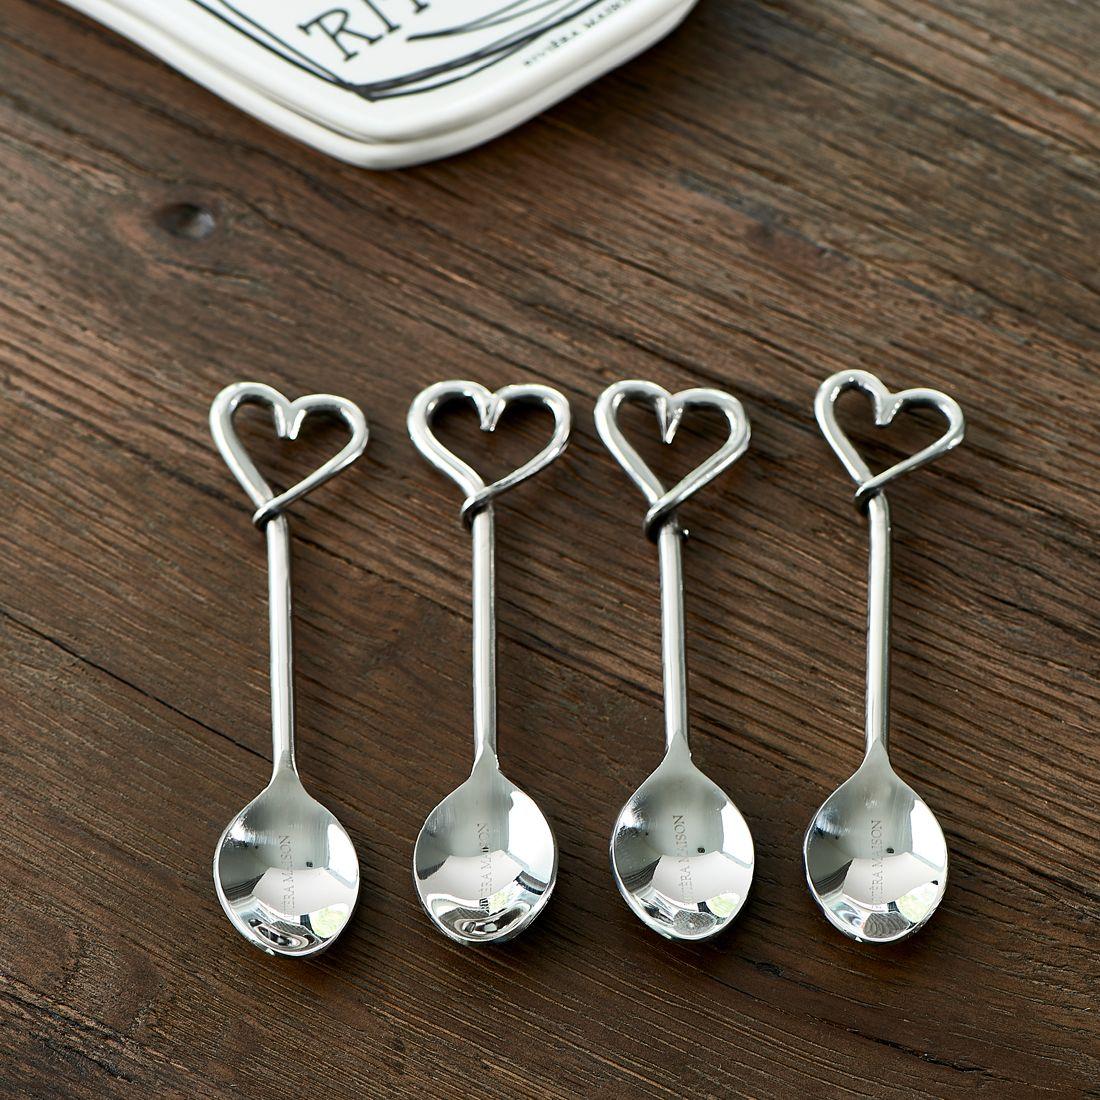 4 stk. skeer i gaveæske - With Love.. Spoons 4pcs